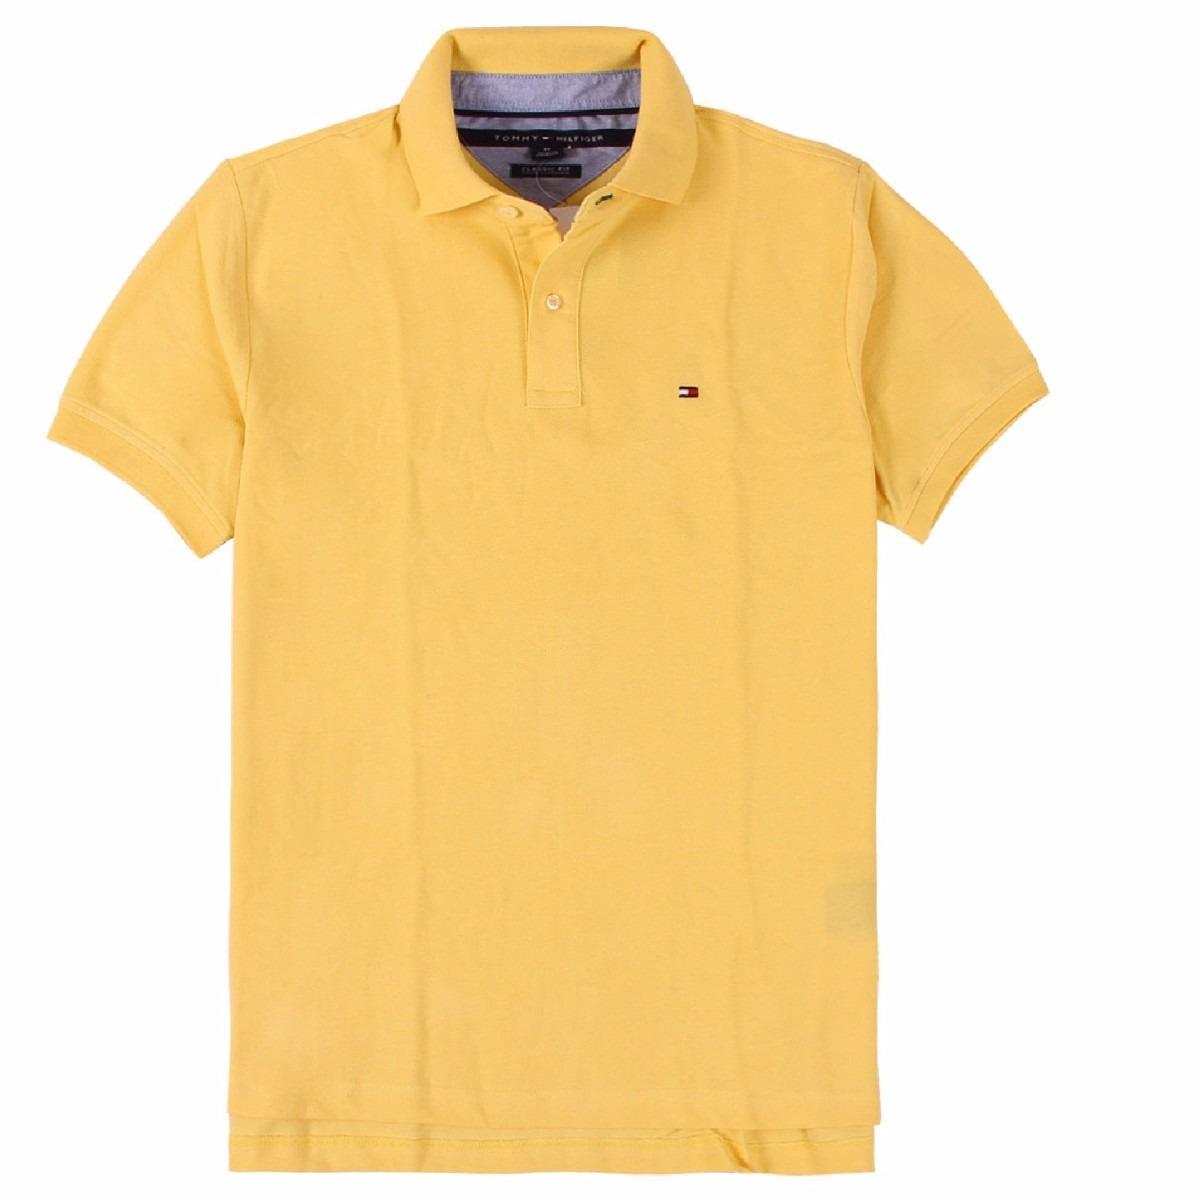 acaff3d5ef Características. Marca Tommy Hilfiger  Modelo Classic Fit  Desenho do  tecido Liso  Gênero Masculino  Material da camiseta Algodão ...